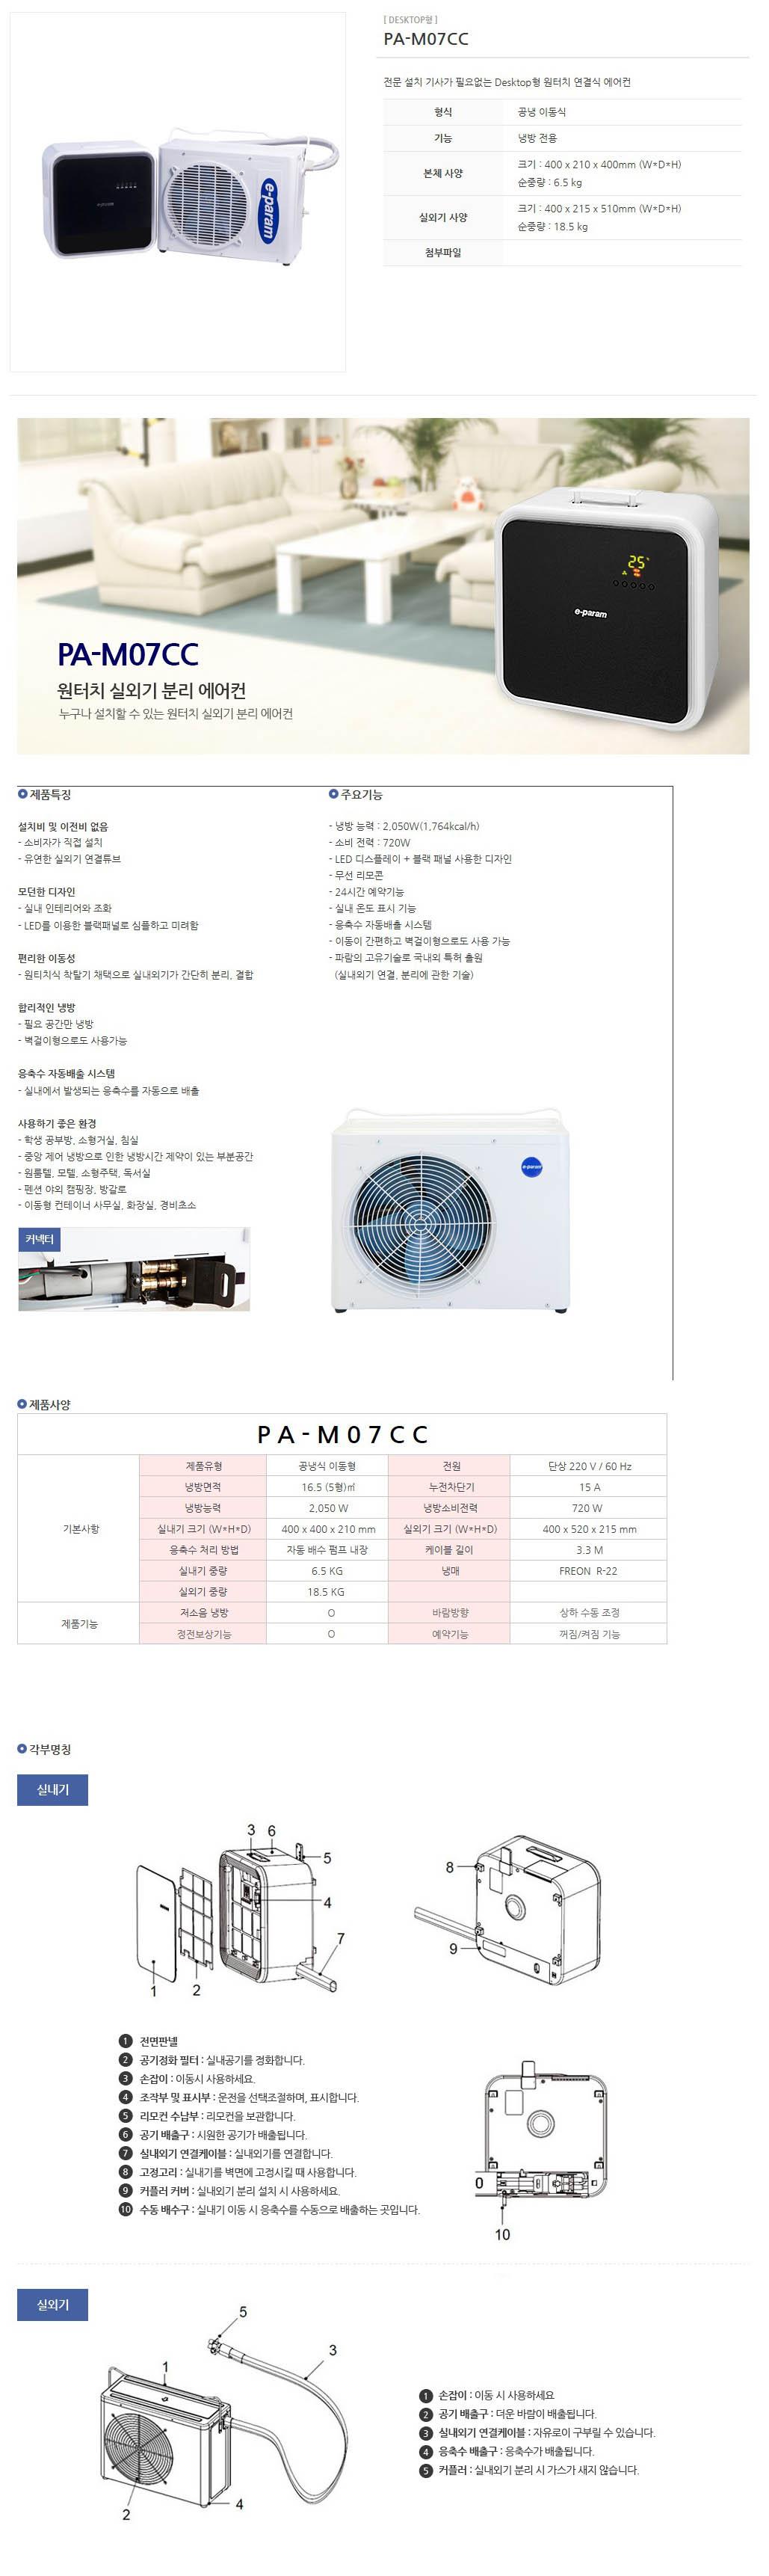 (주)파람 실외기 분리 에어컨 PA-M07CC